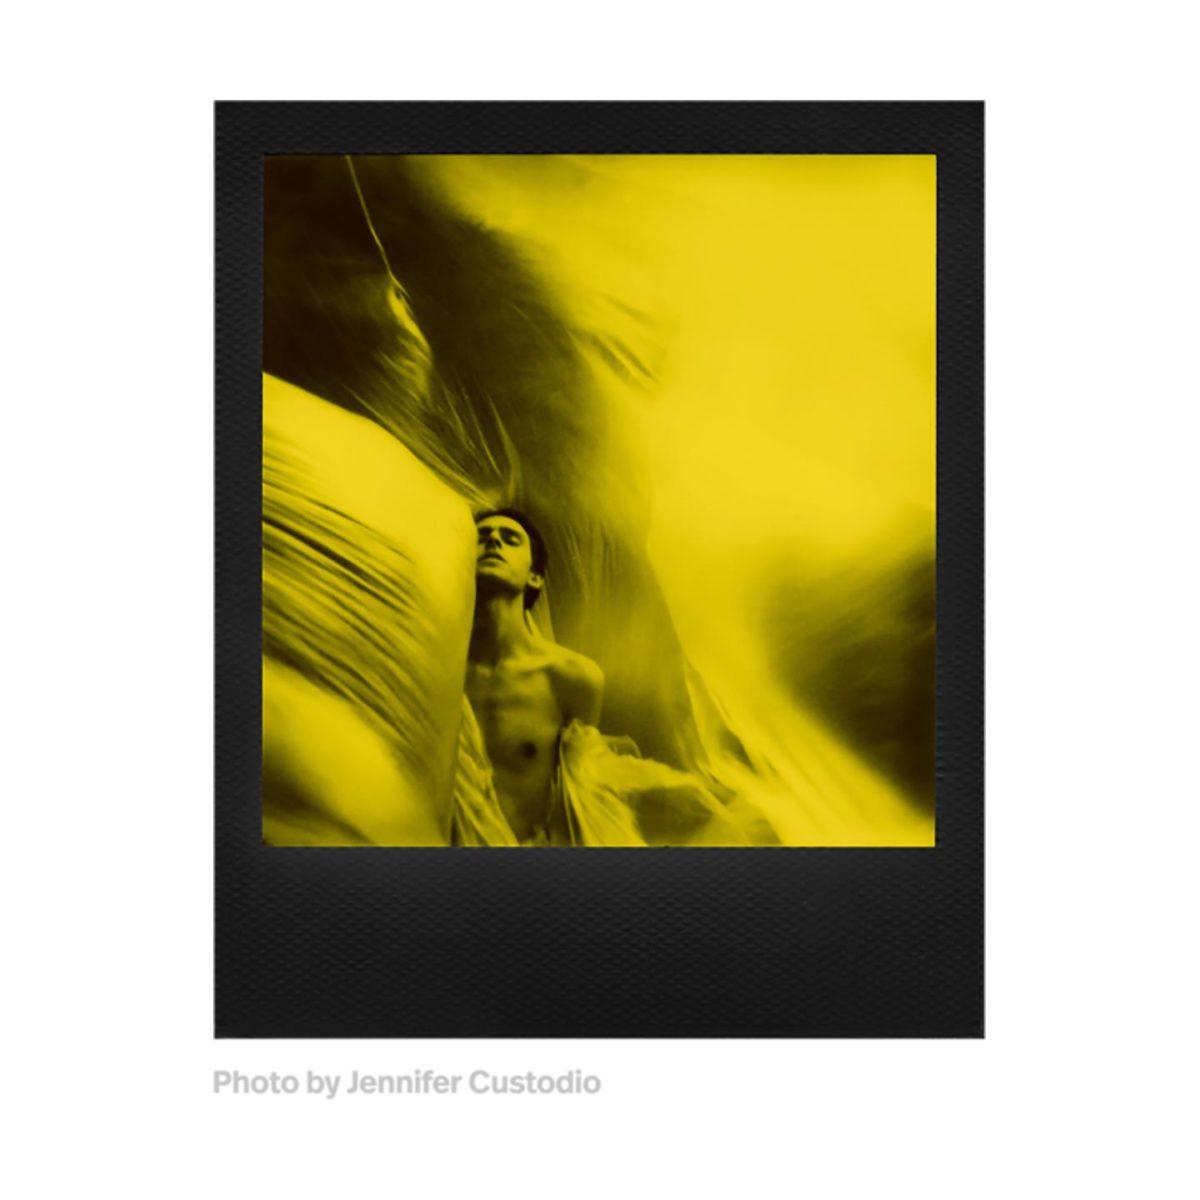 polaroid_600_bw_film_black_yellow_04